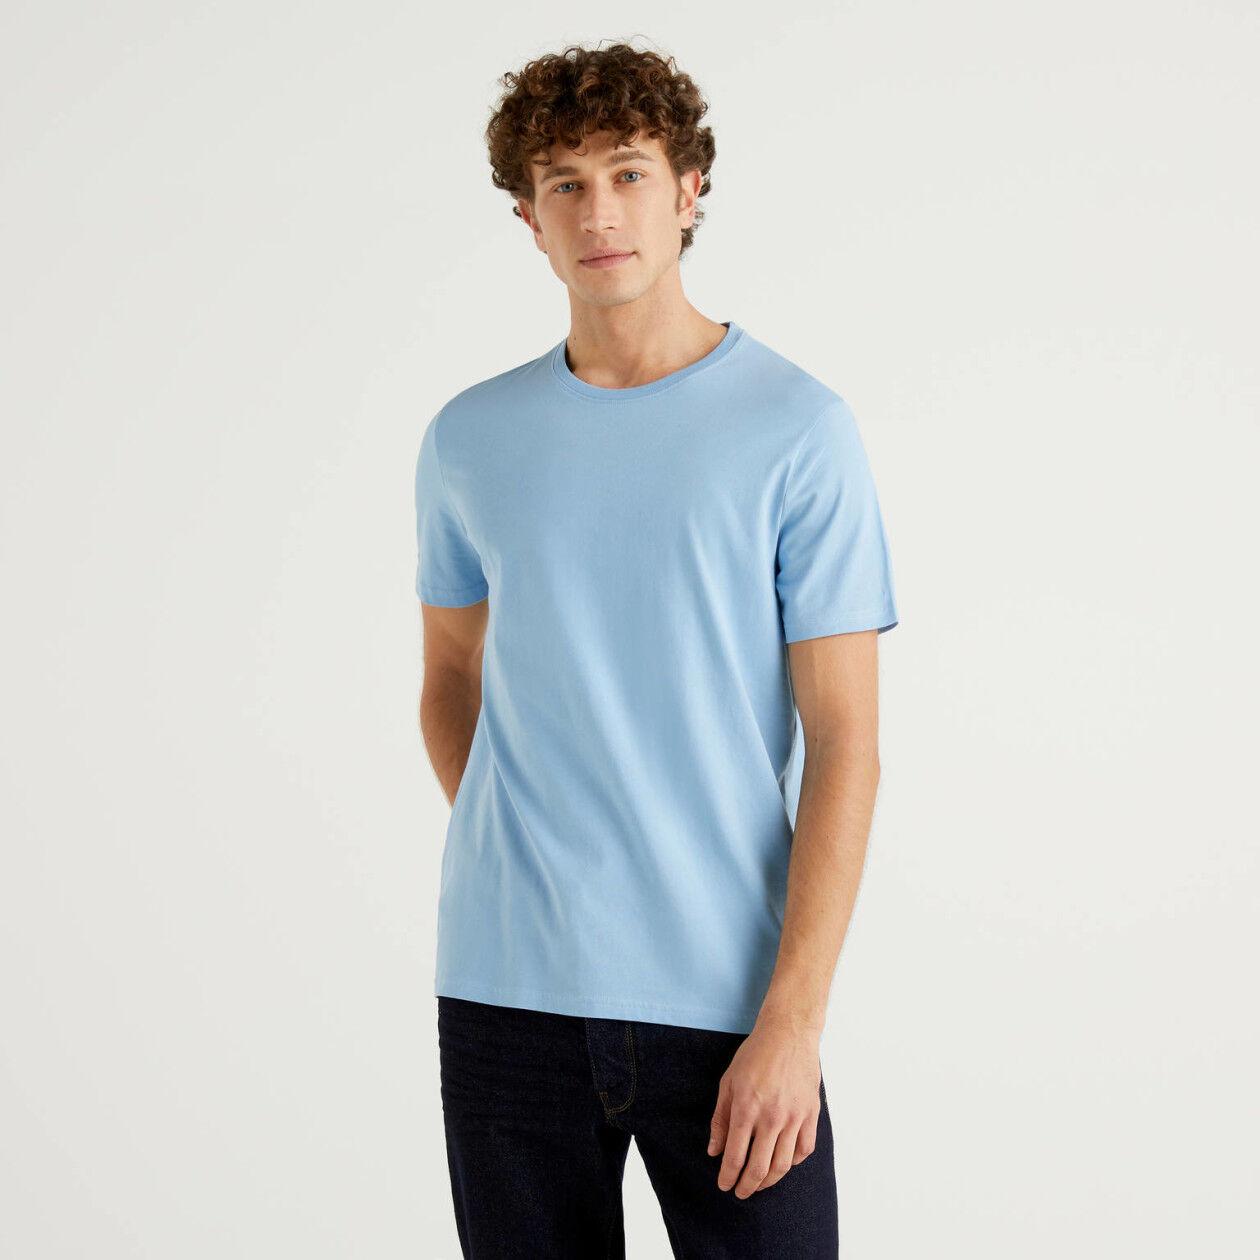 T-shirt azul-celeste em algodão puro